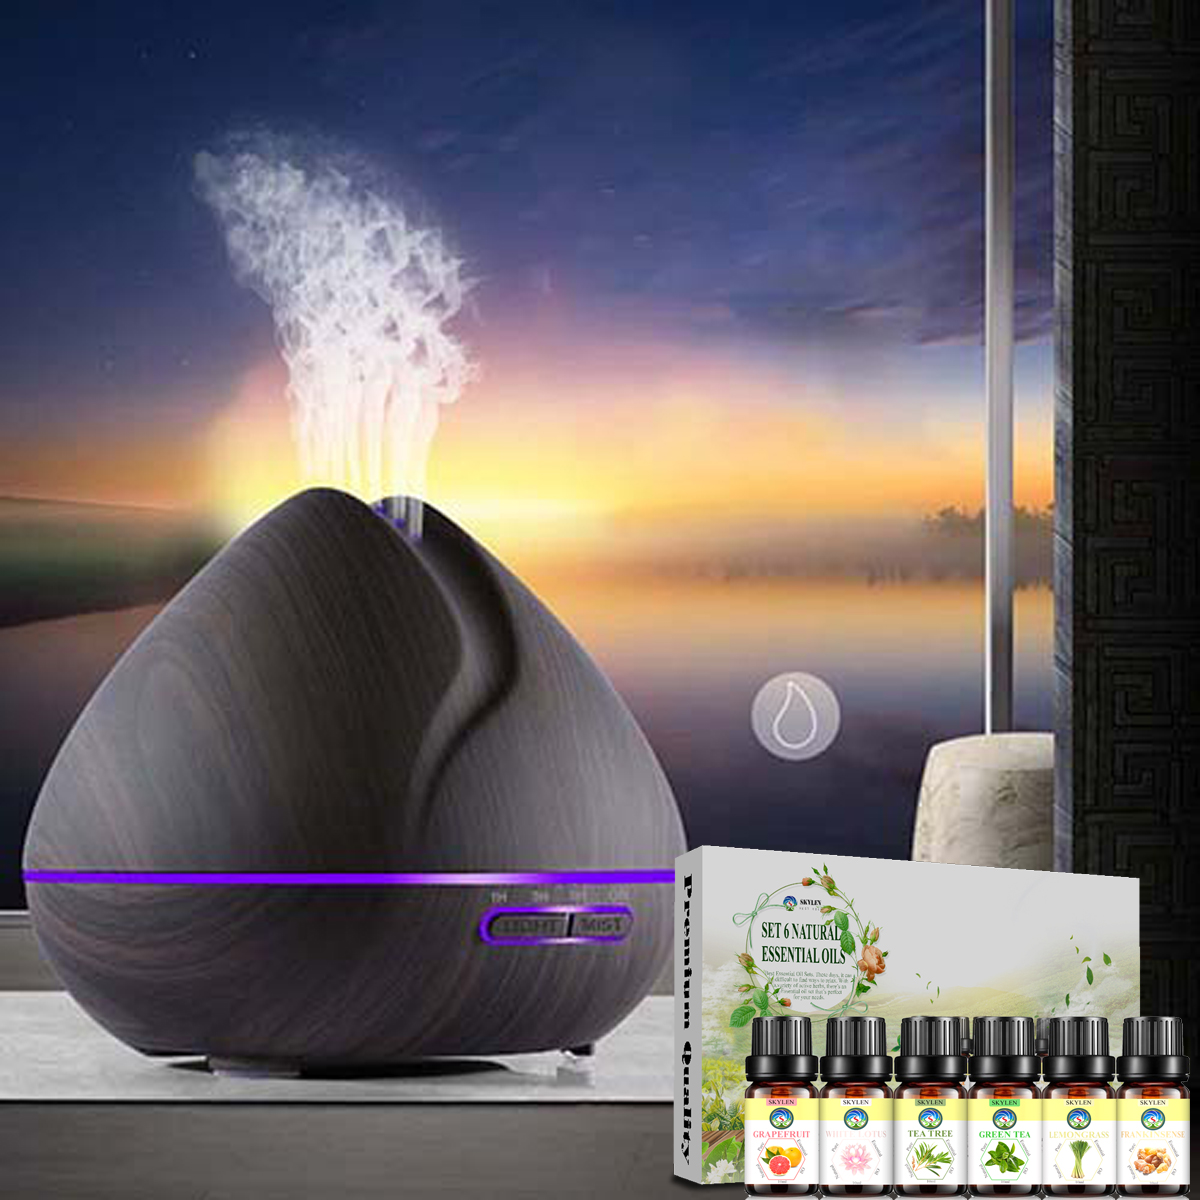 Máy khuếch tán xông tinh dầu phun sương tạo ẩm làm đèn ngủ công suất mạnh búp sen - Tặng kèm set 6 tinh dầu thiên nhiên nhập khẩu